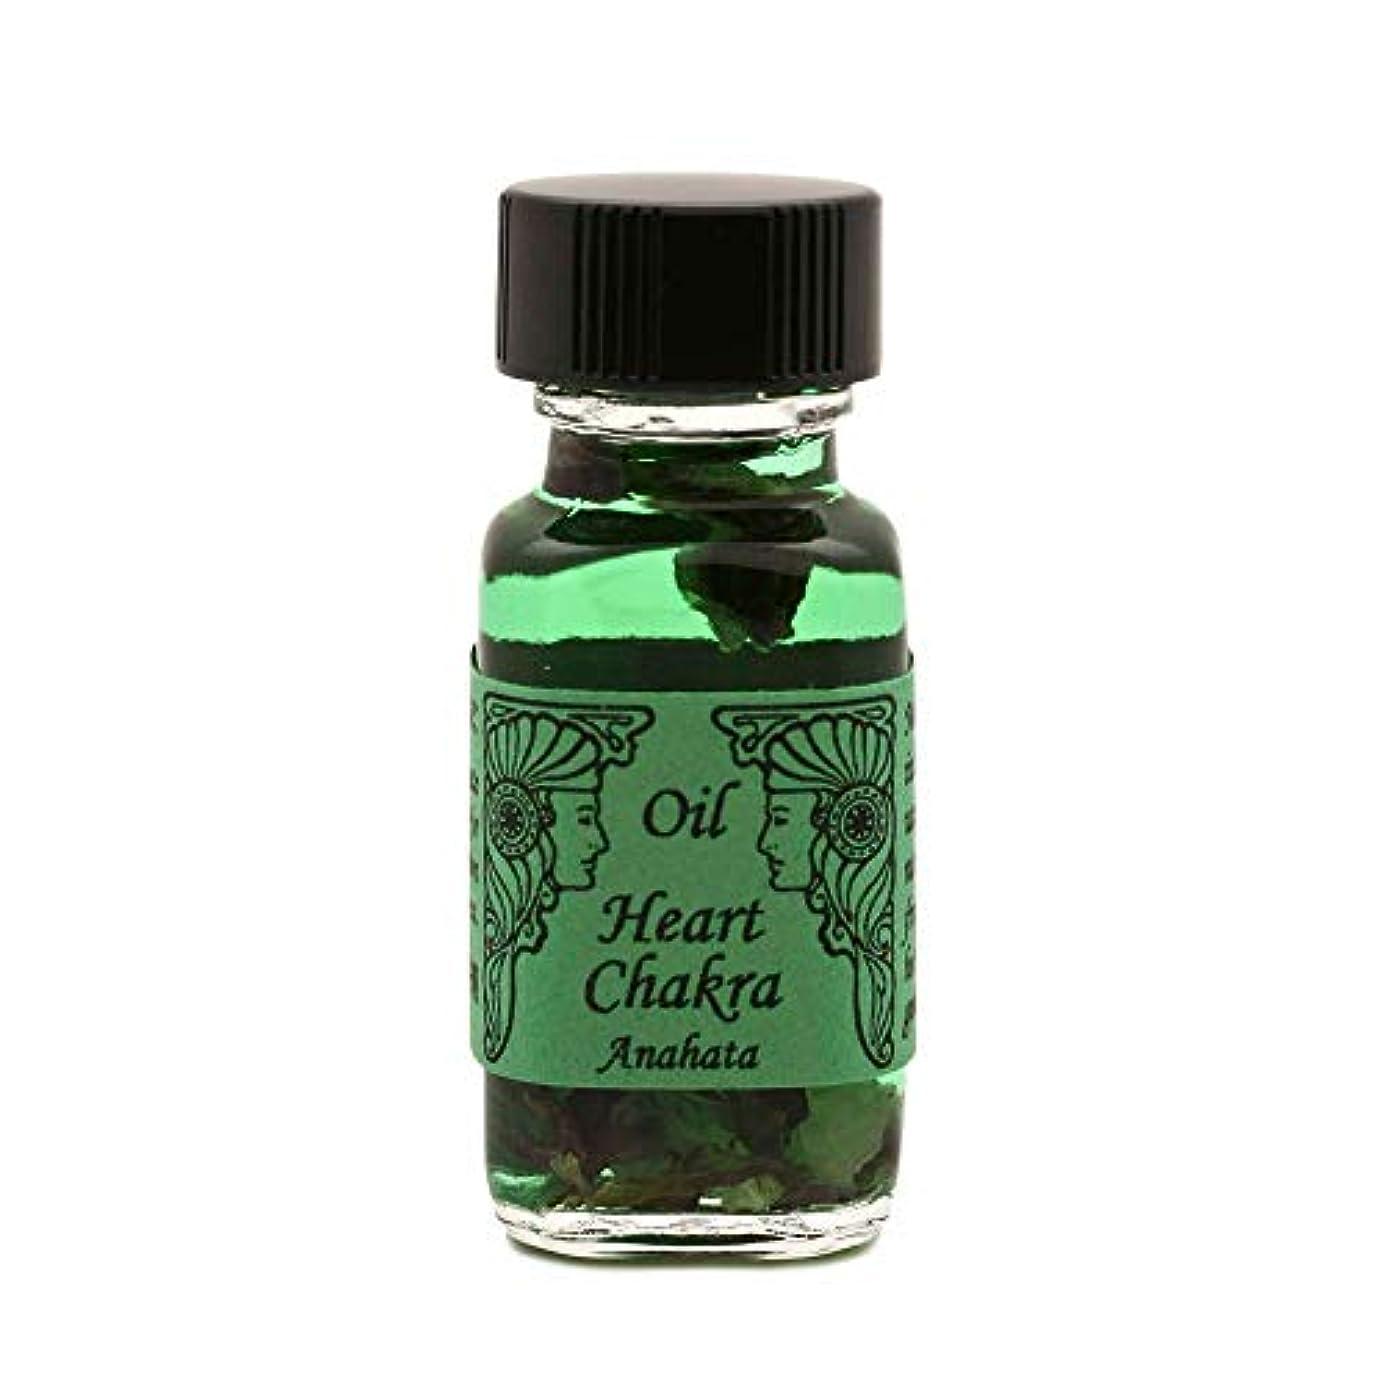 データ貸す同志SEDONA Ancient Memory Oils セドナ アンシェントメモリーオイル Heart Chakra ハート チャクラ 15ml